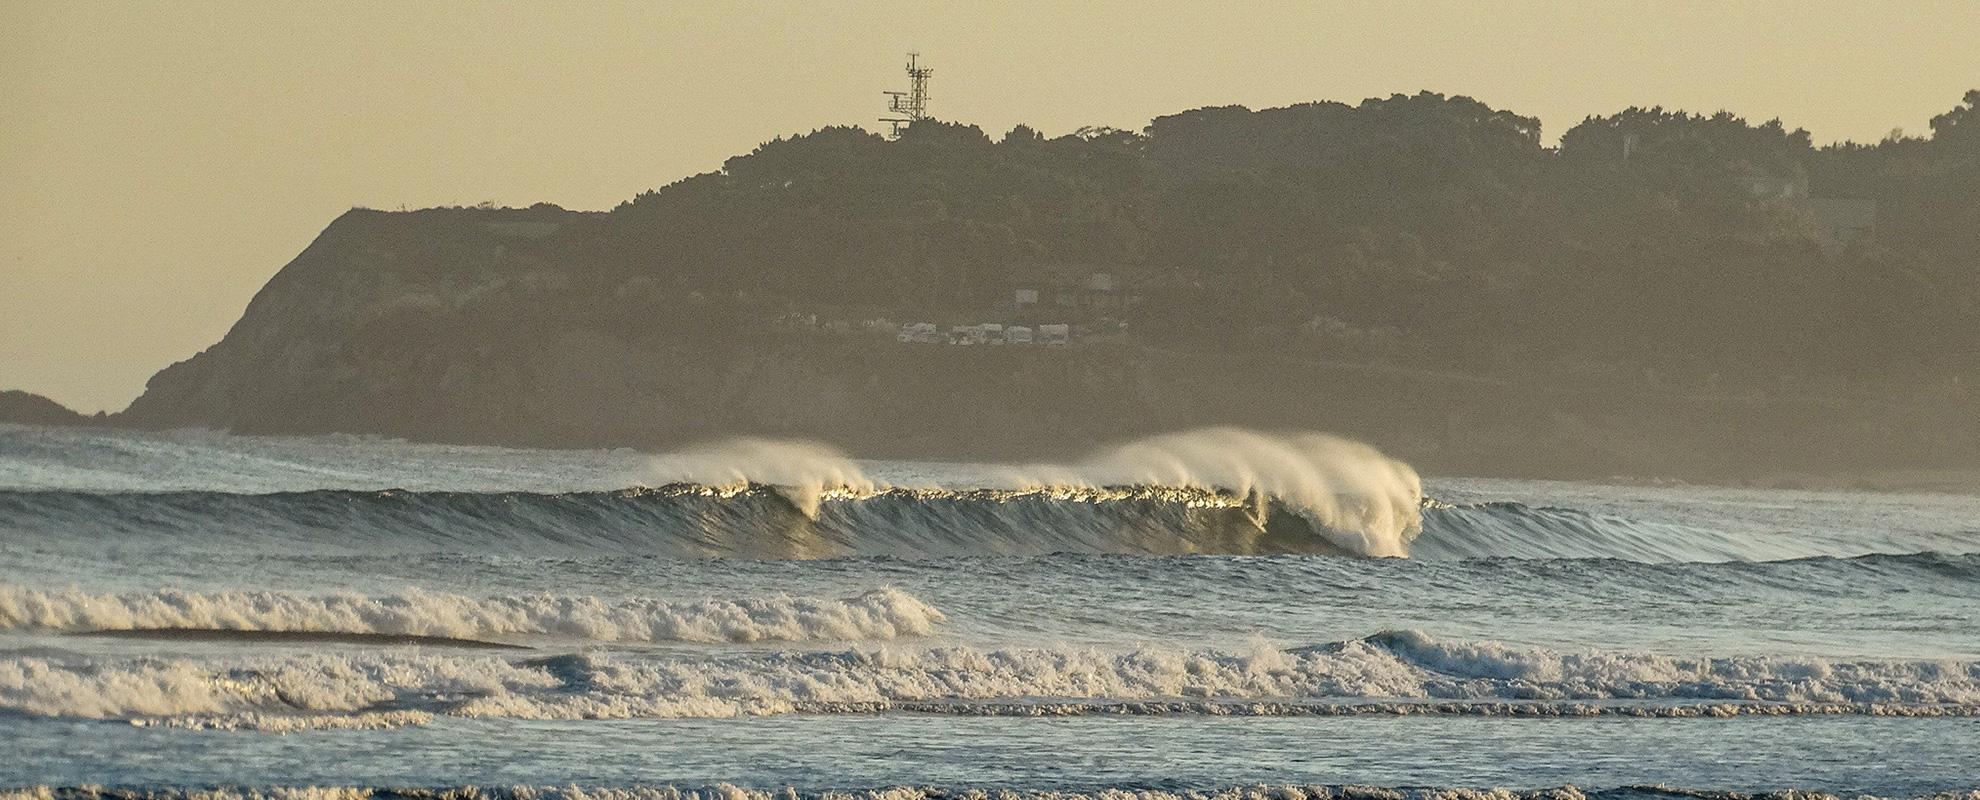 LA WAVE CANTABRIA